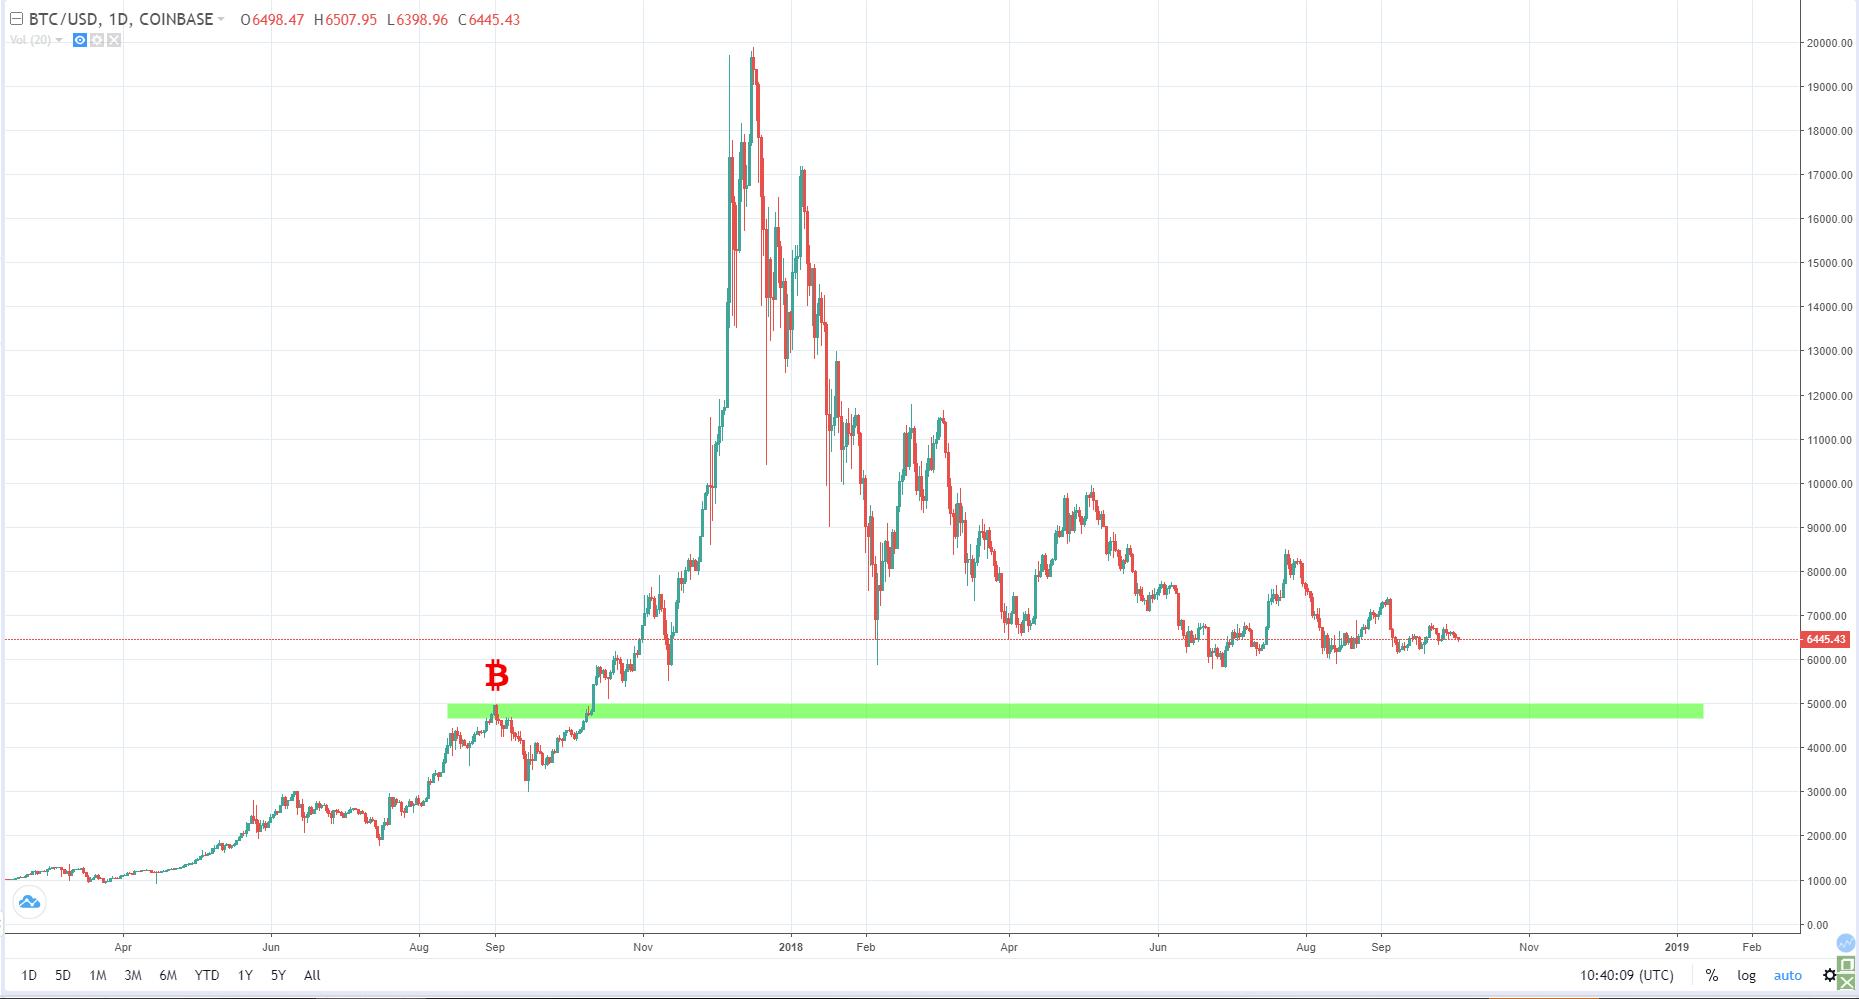 bitcoin piaci érték a megvalósított értékre